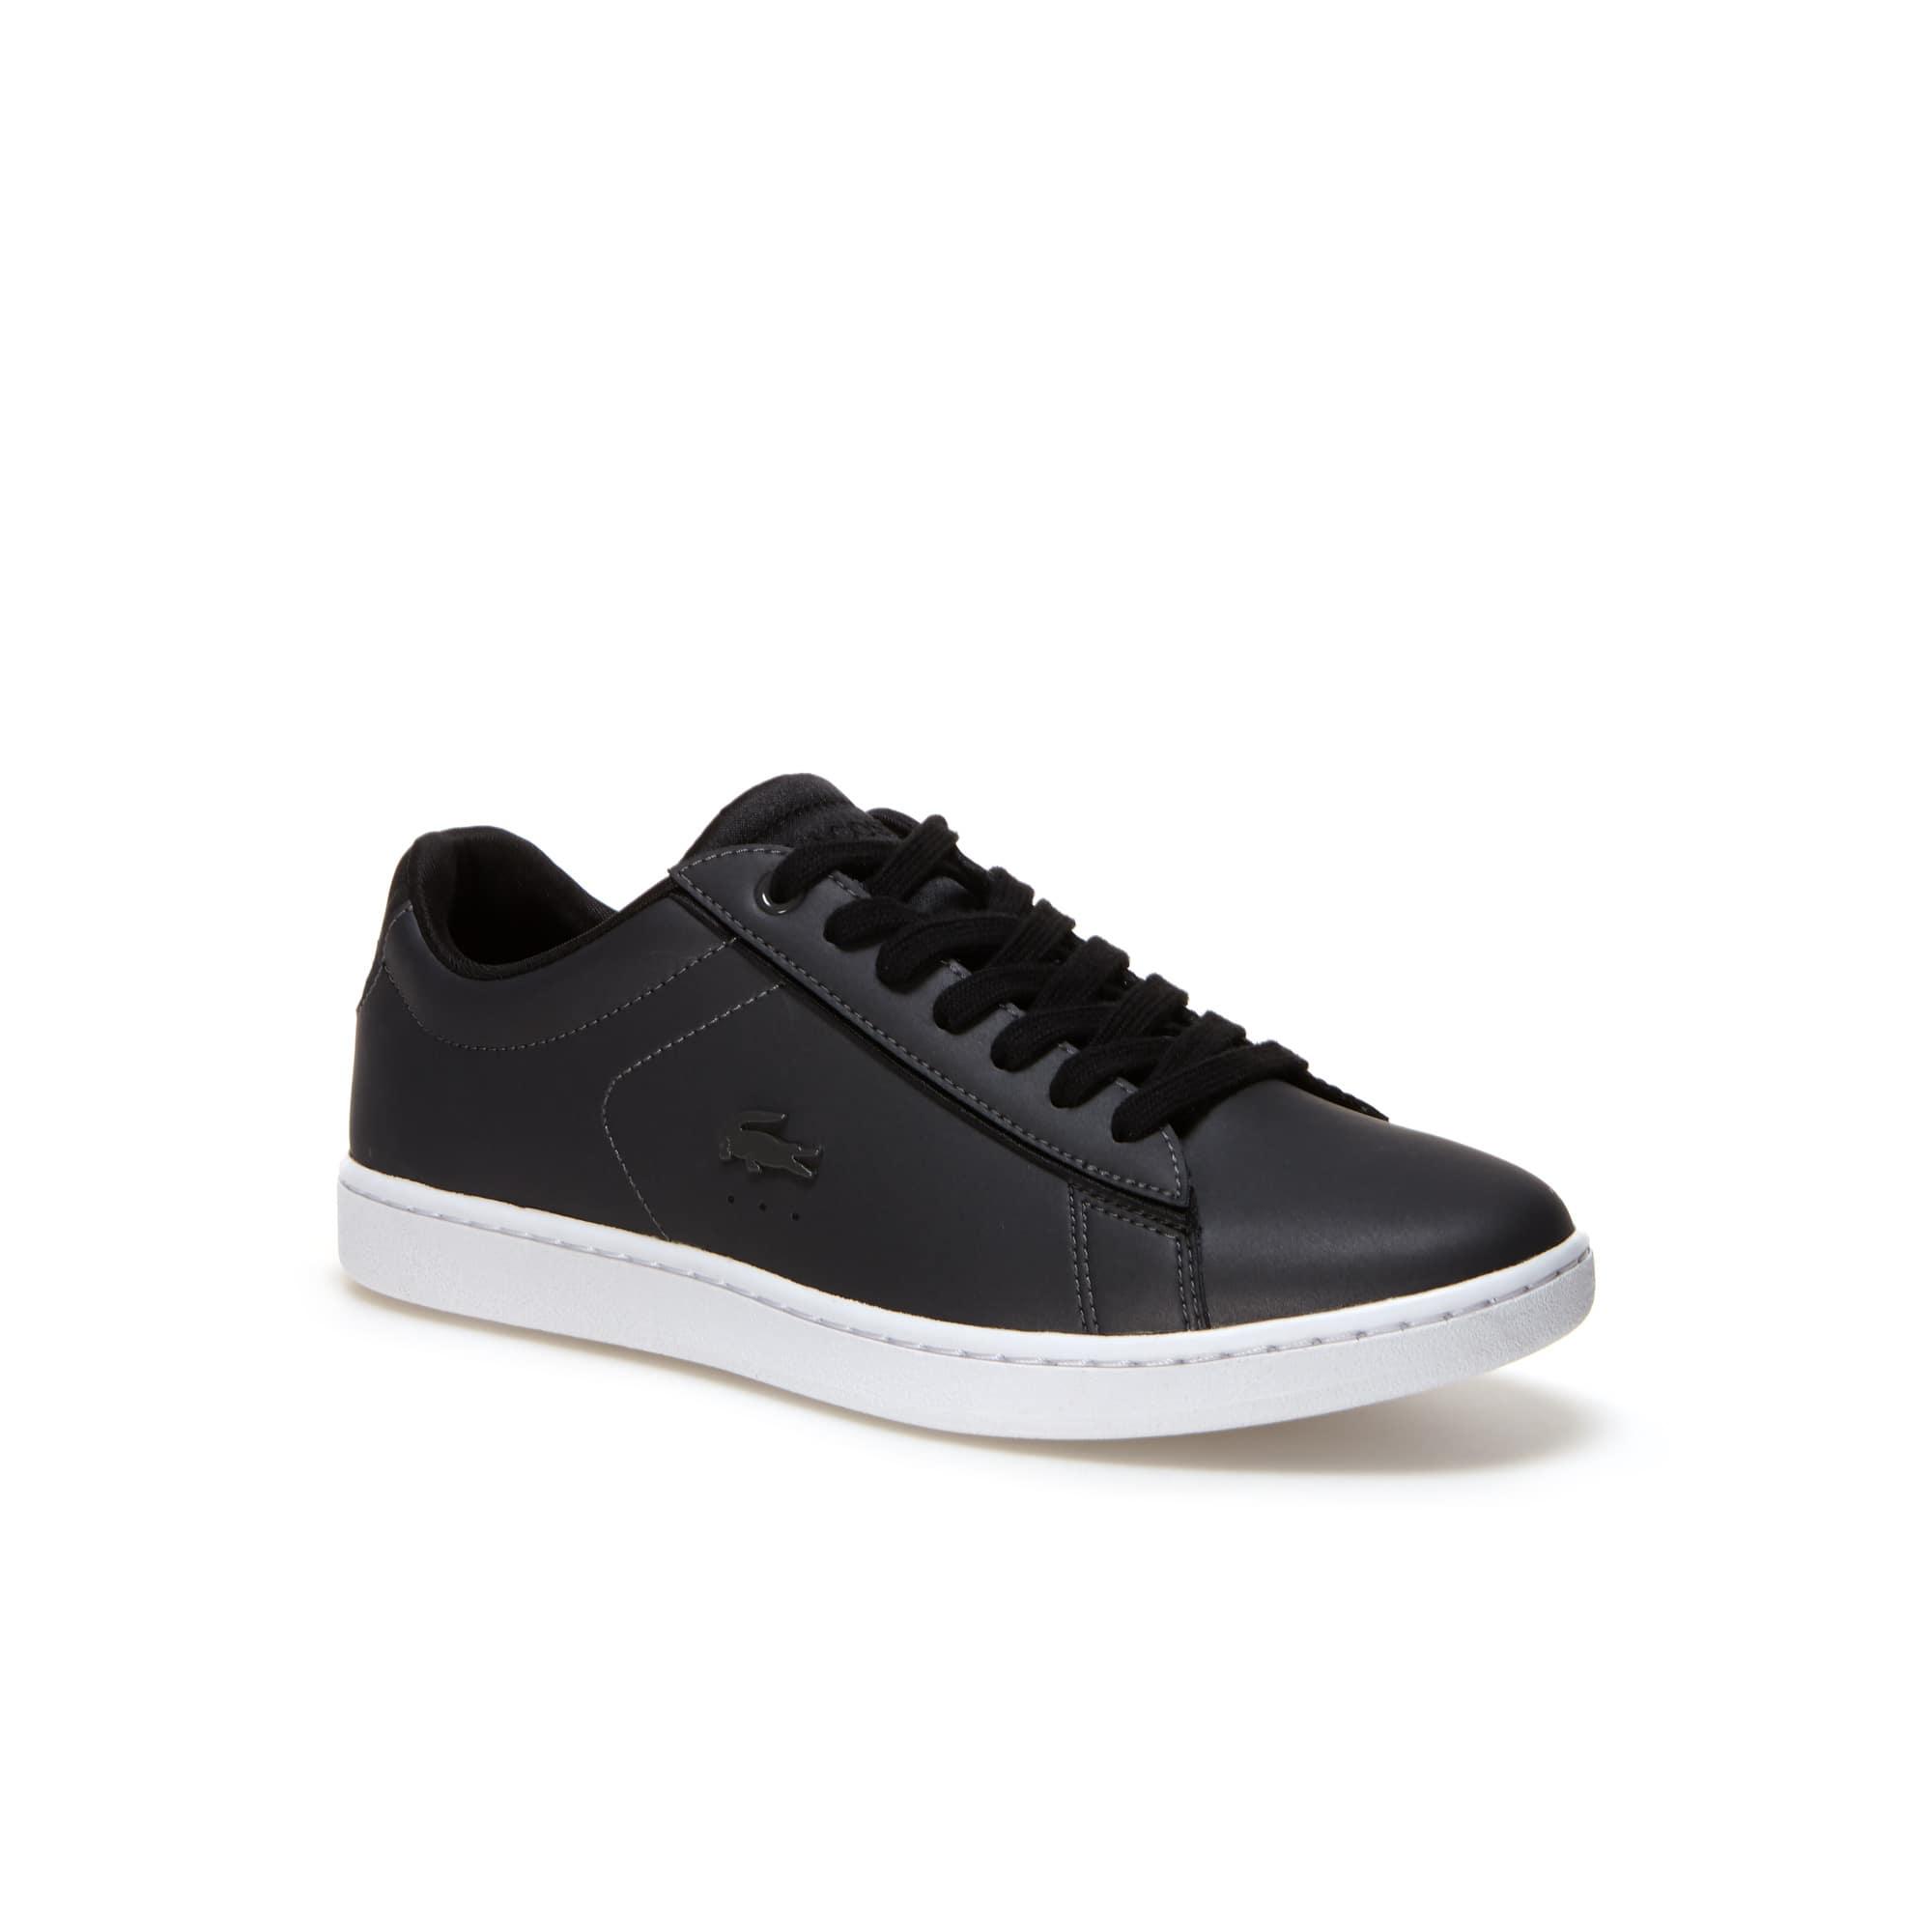 Sneakers Carnaby Evo in pelle premium